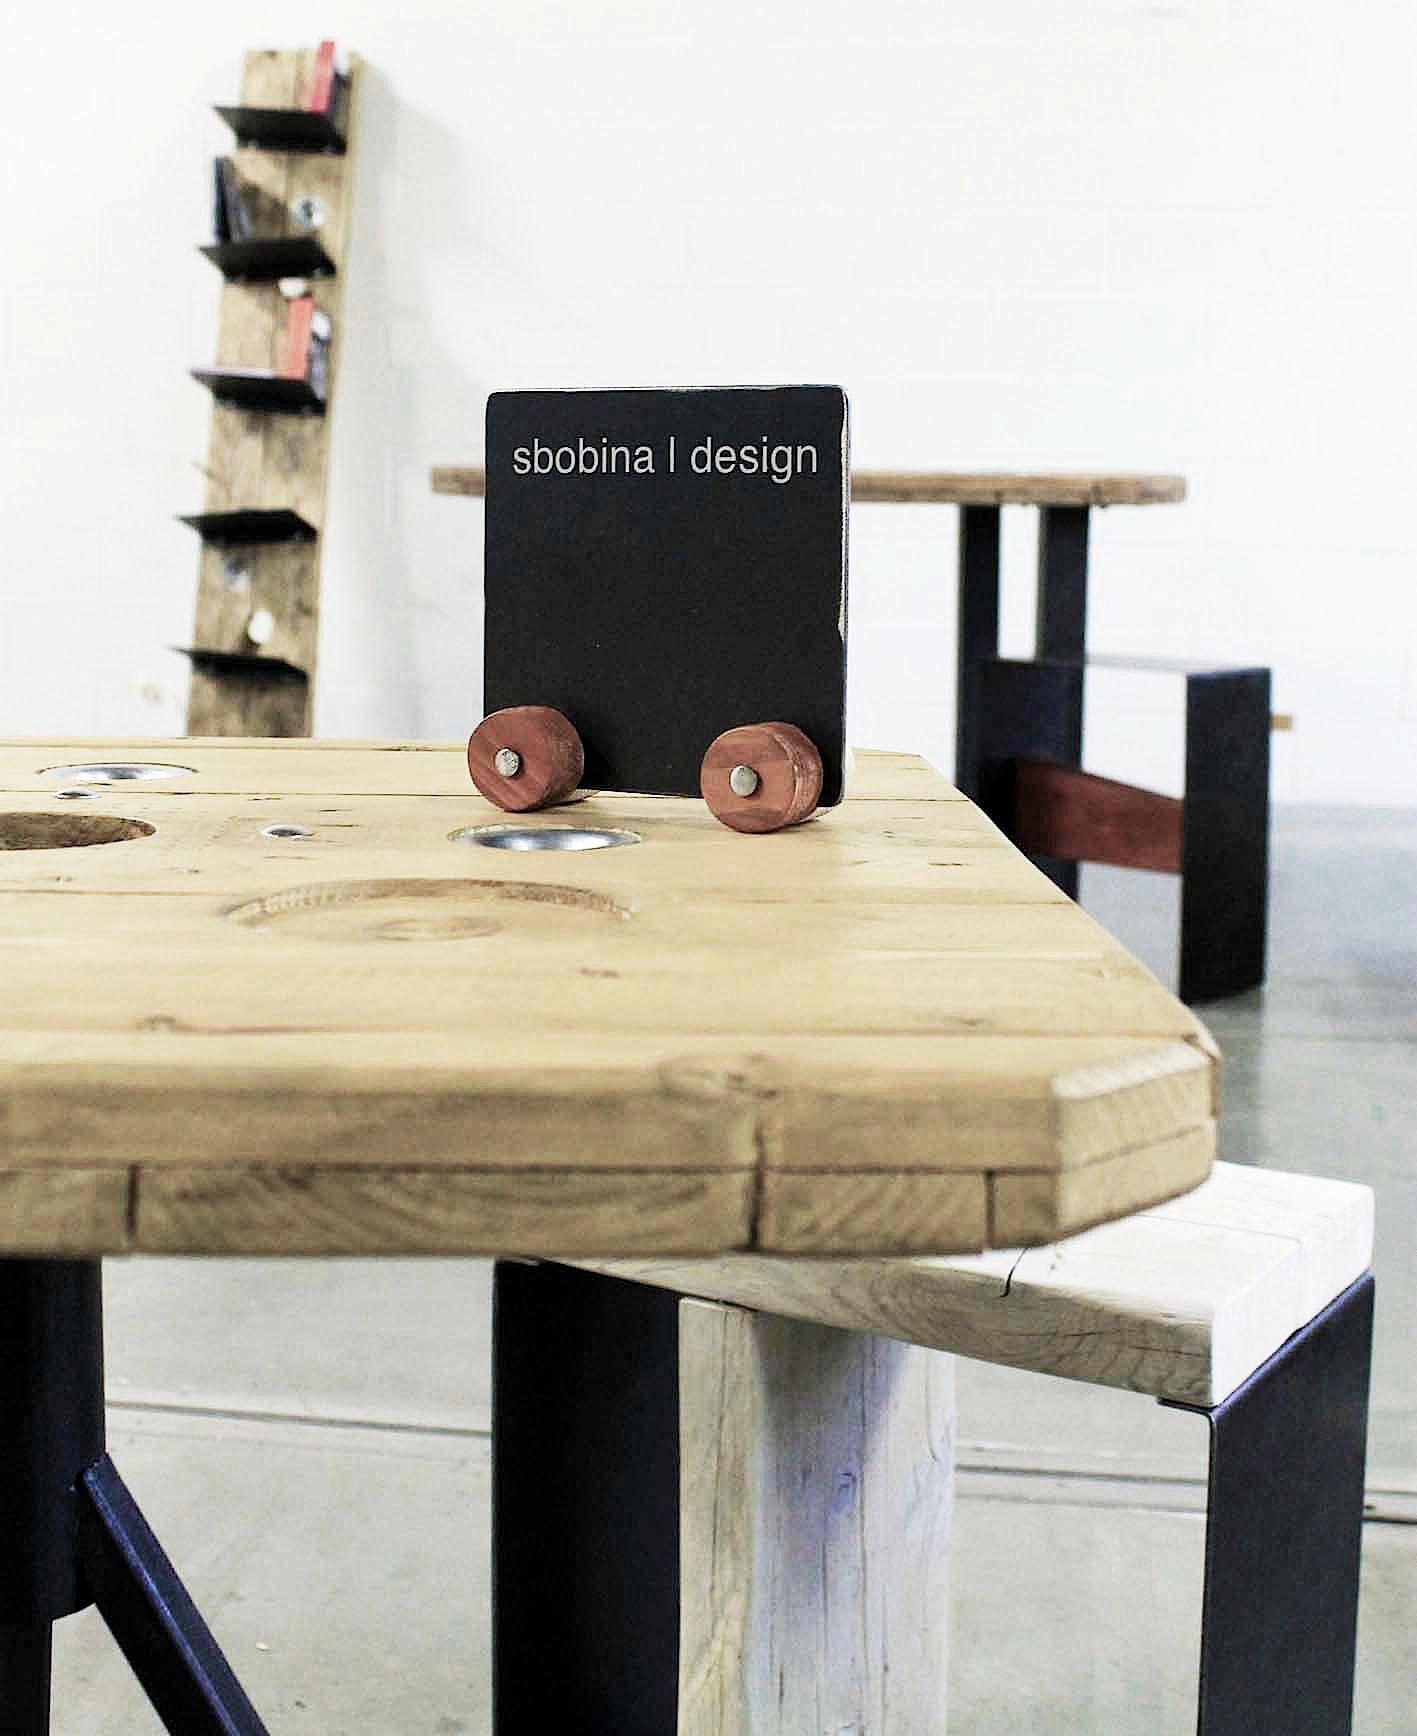 Sbobina|Design, allestimento per il Salone Internazionale del Mobile 2013, Fabbrica del Vapore, Milano